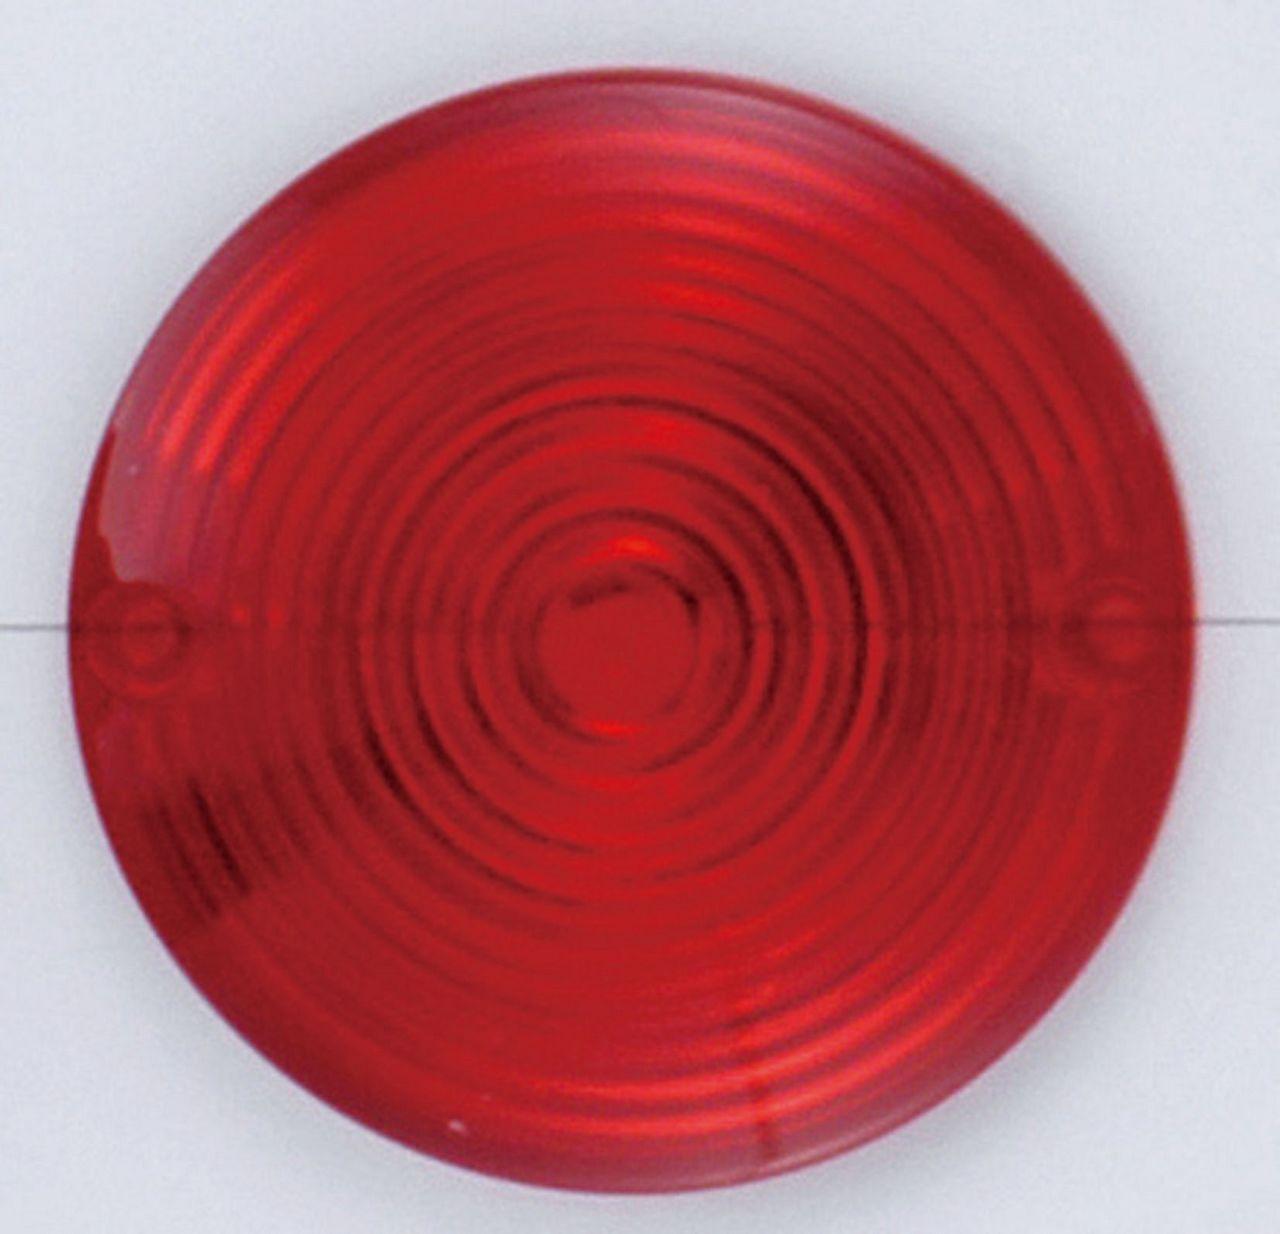 【KIJIMA】紅色尾燈燈殼(61.5Φ) - 「Webike-摩托百貨」